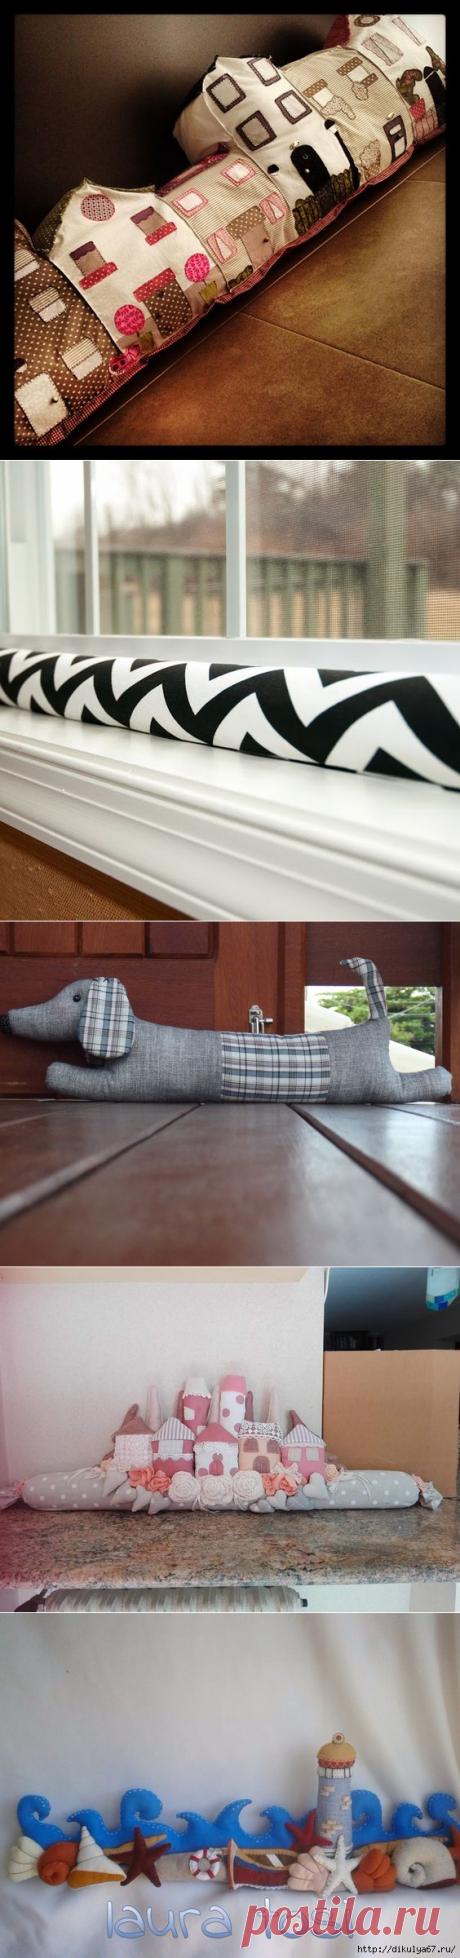 Чтобы из окна не дуло. Креативные подушки от сквозняка